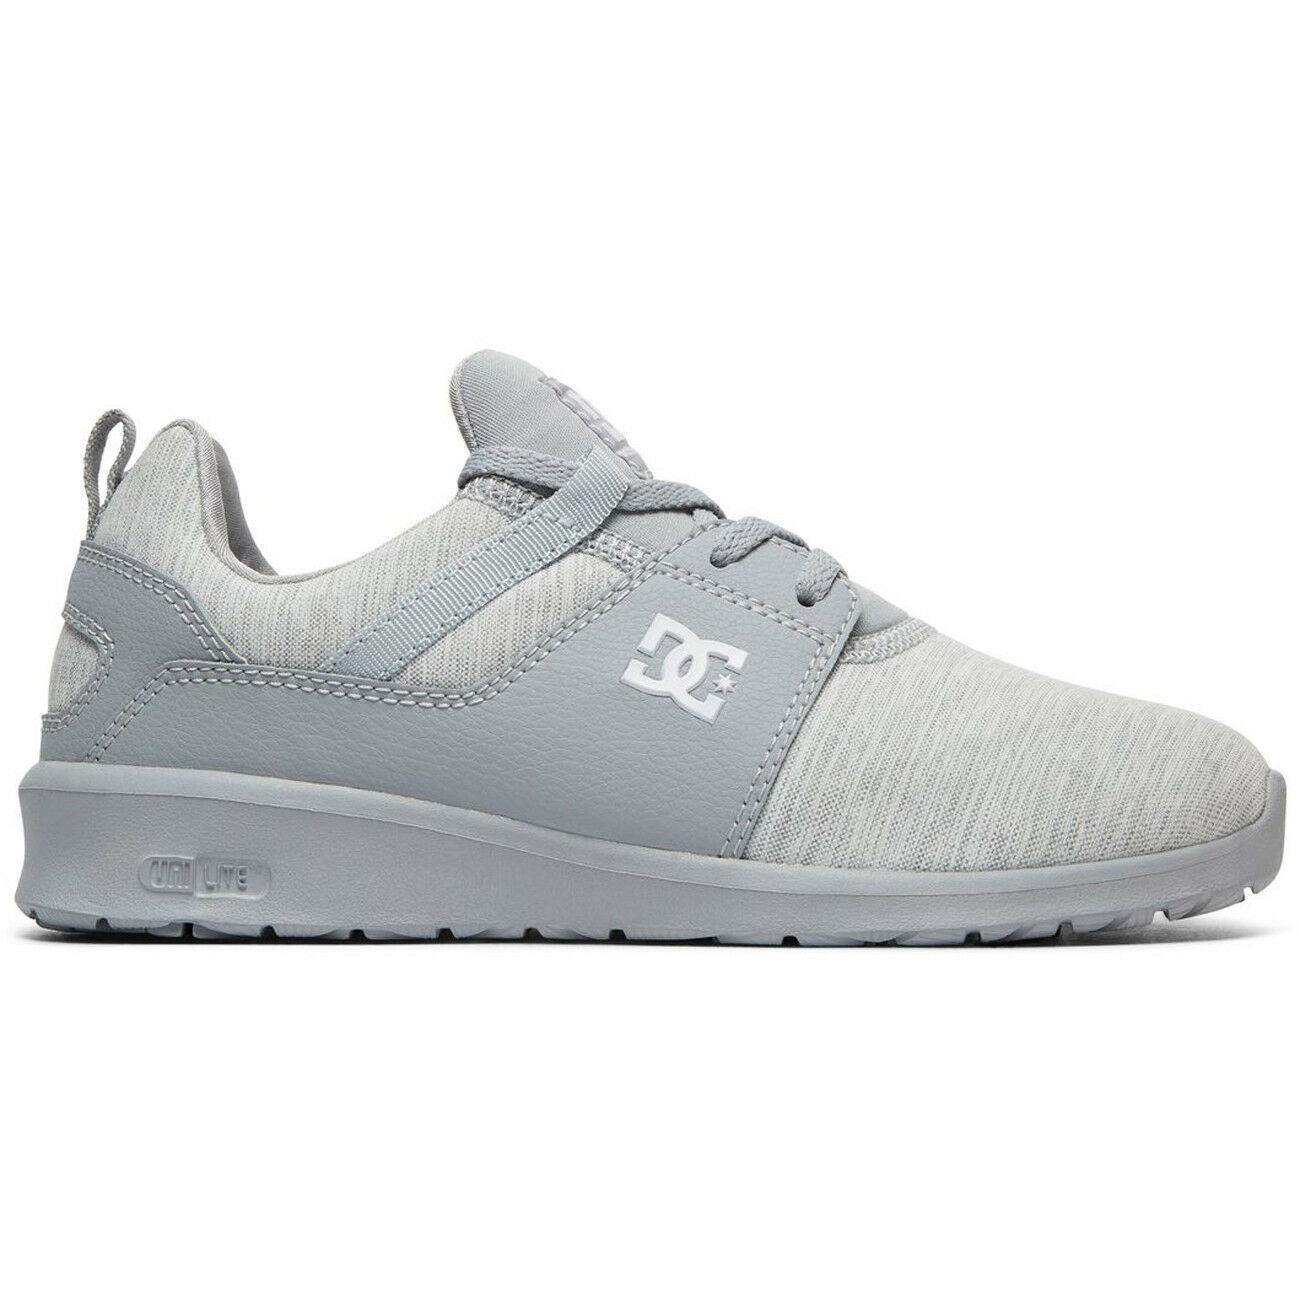 DC TX Damen Sneaker HEATHROW TX DC SE J SHOE 24b6e9